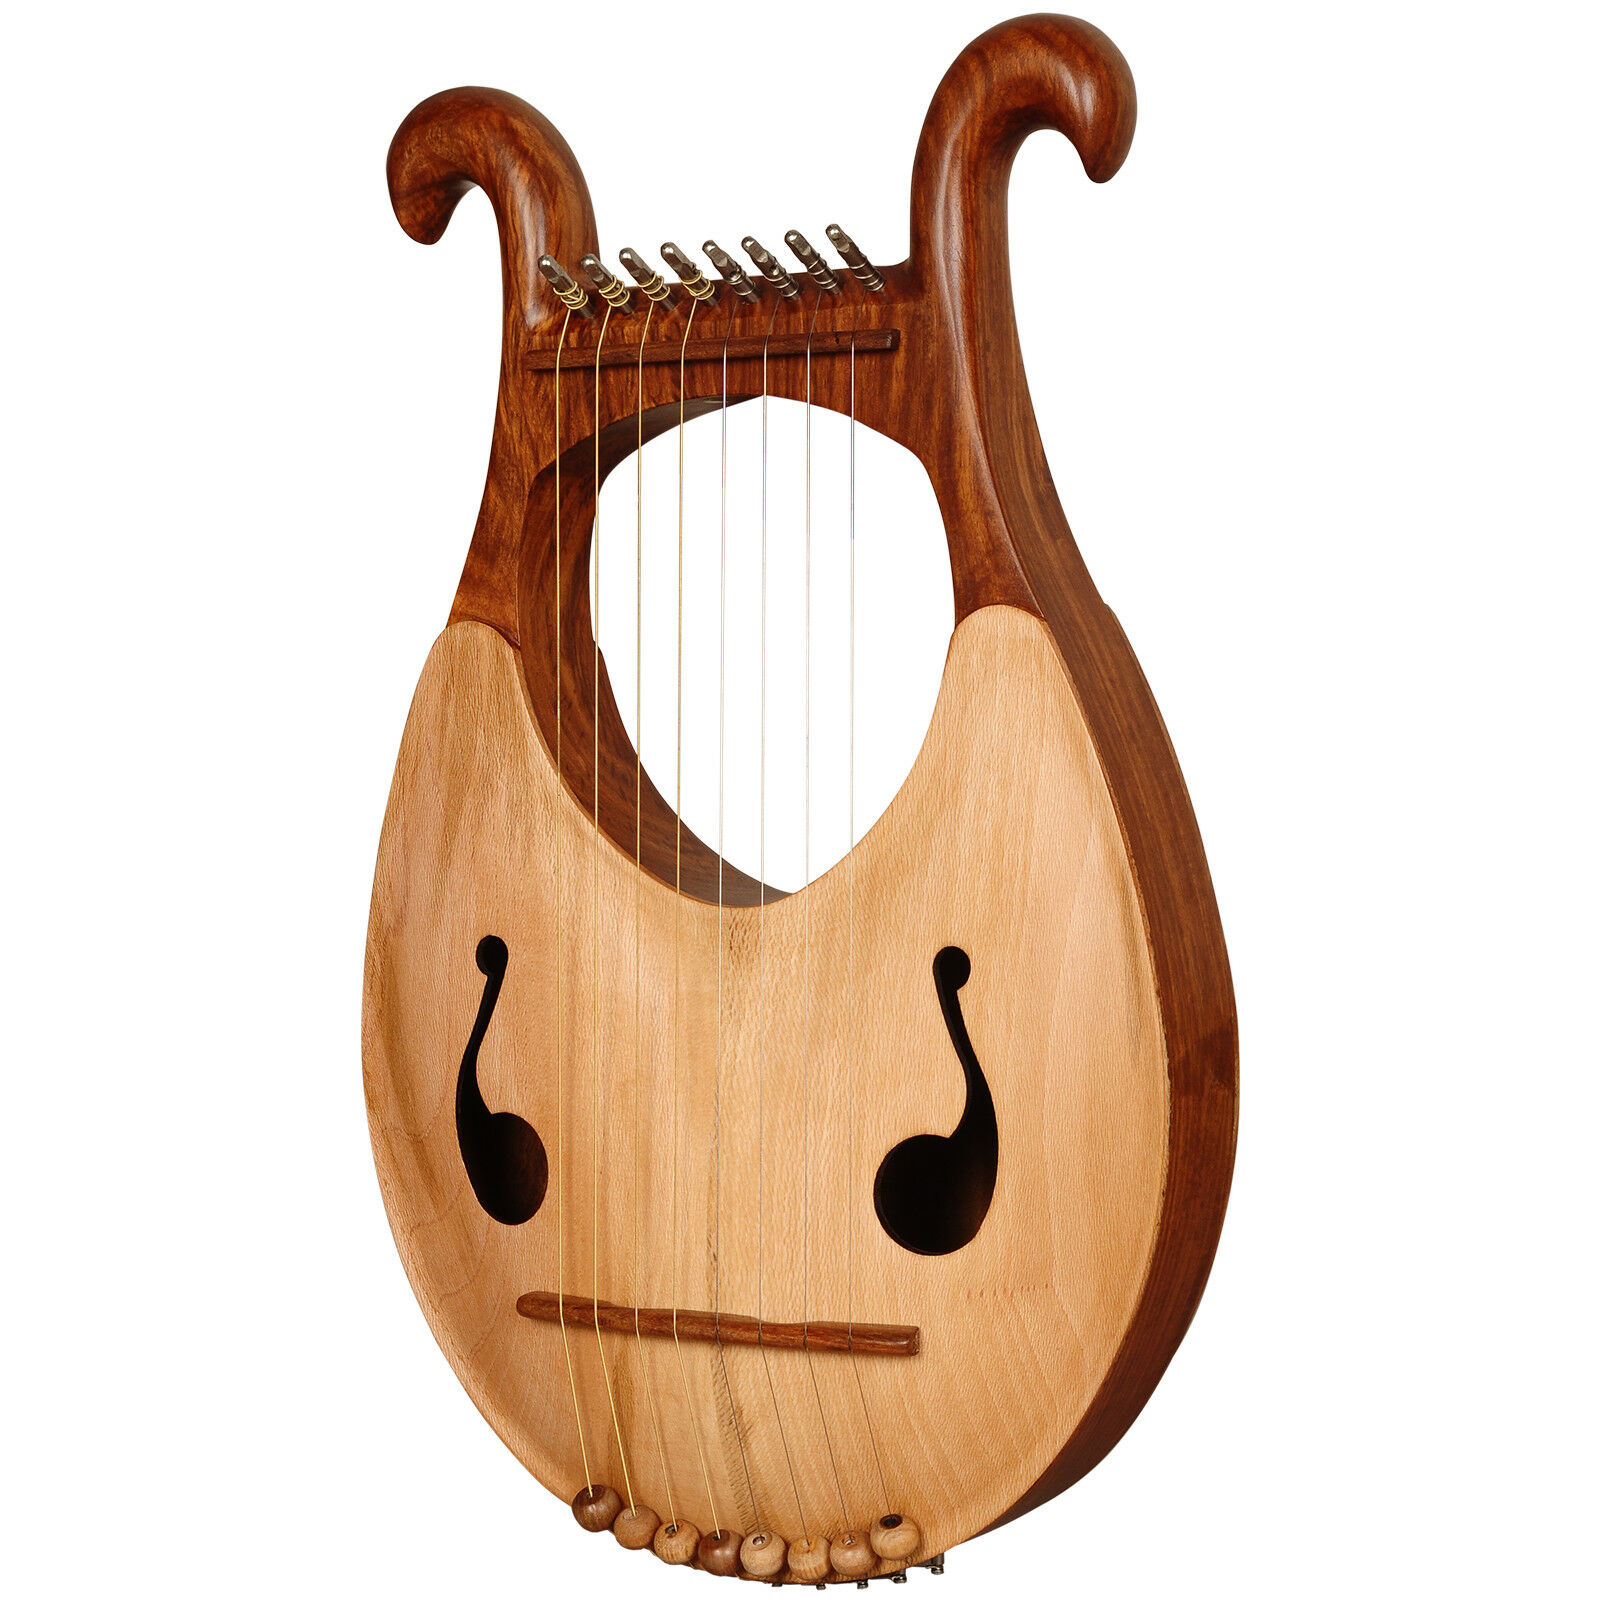 acquista marca Range of Heartland Lyre HARPS, 10 String & 8 8 8 String Lyre Harp  acquistare ora